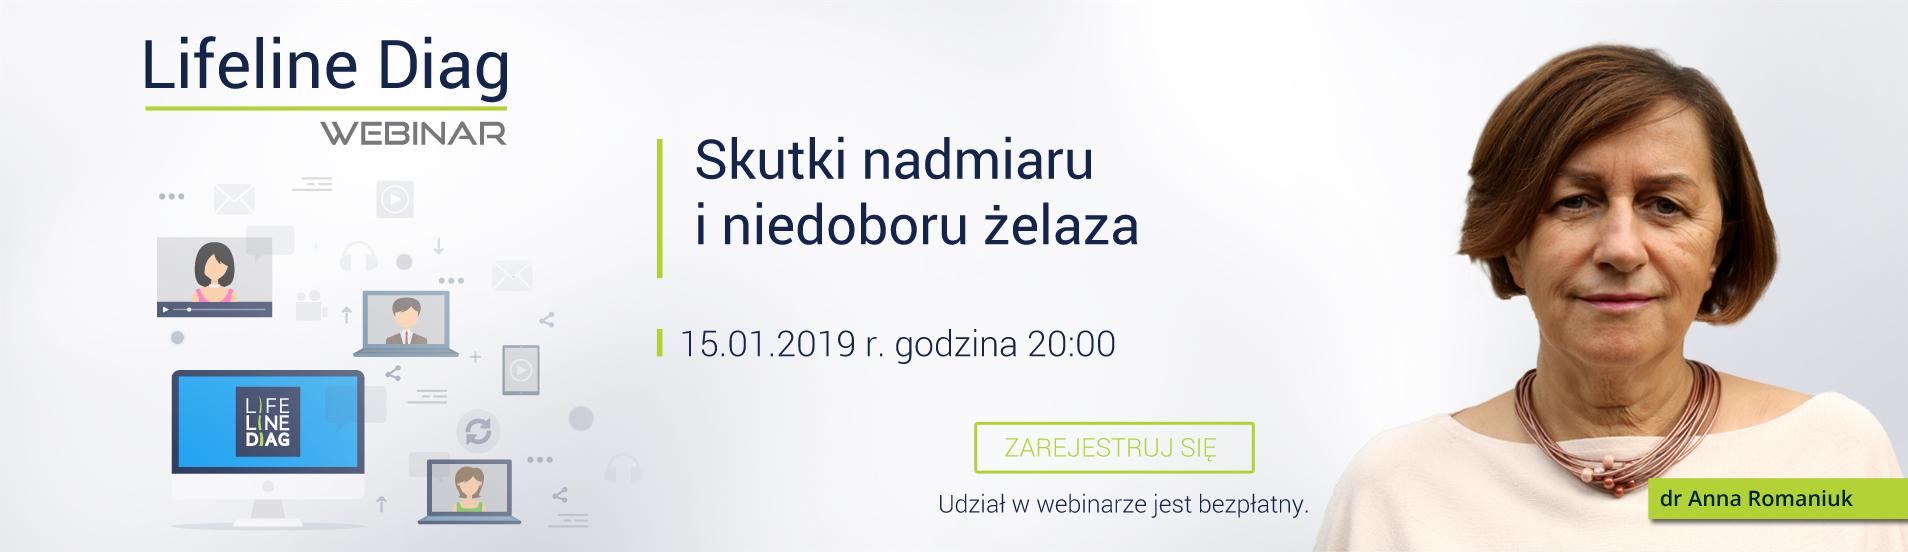 webinar 15.01.2019